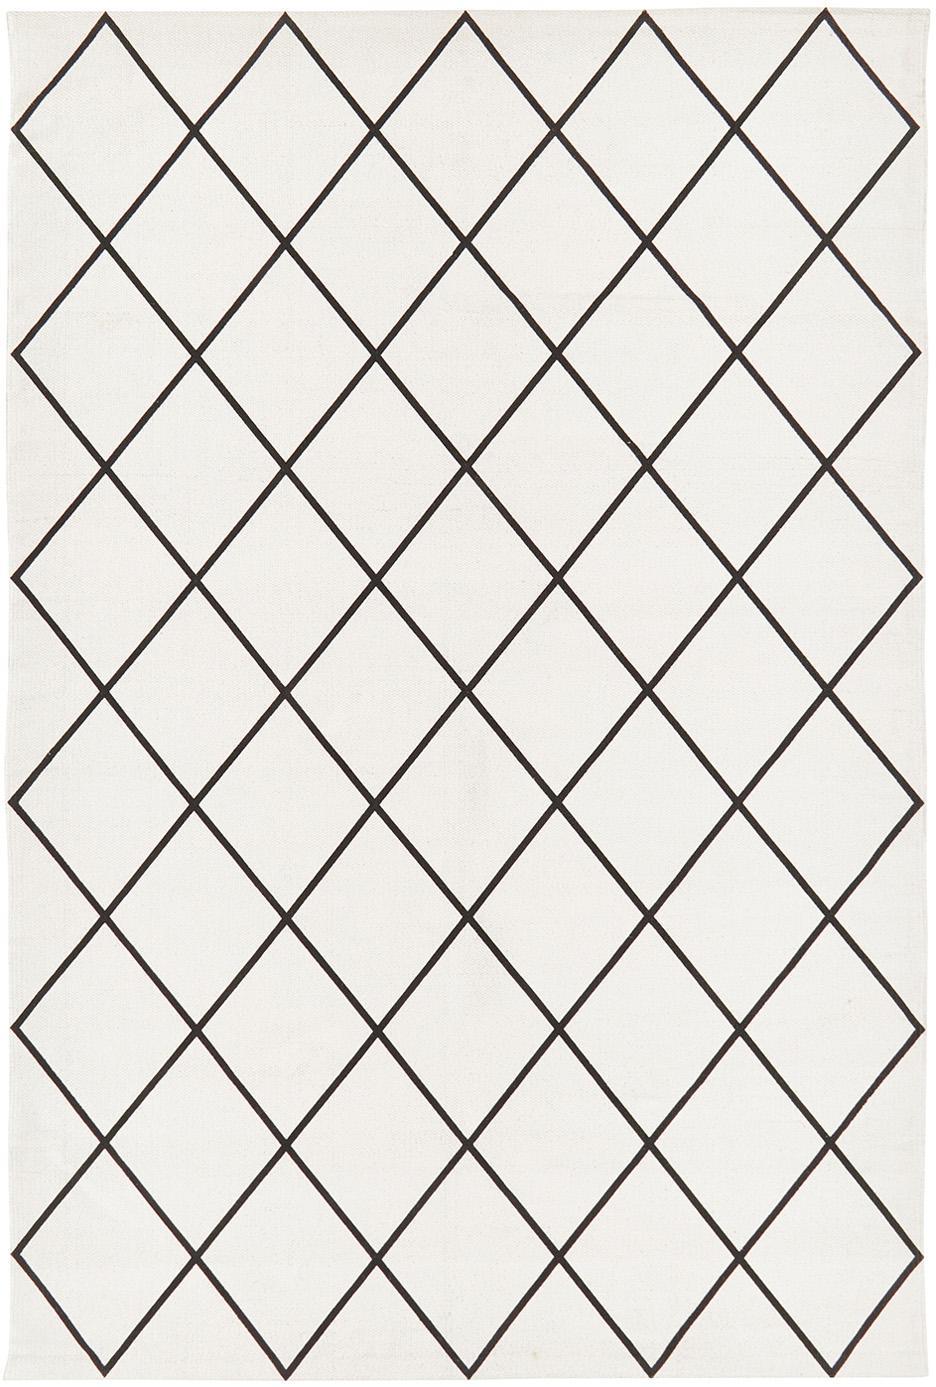 Dywan z bawełny Farah, 100% bawełna, Kremowobiały, czarny, S 120 x D 180 cm (Rozmiar S)